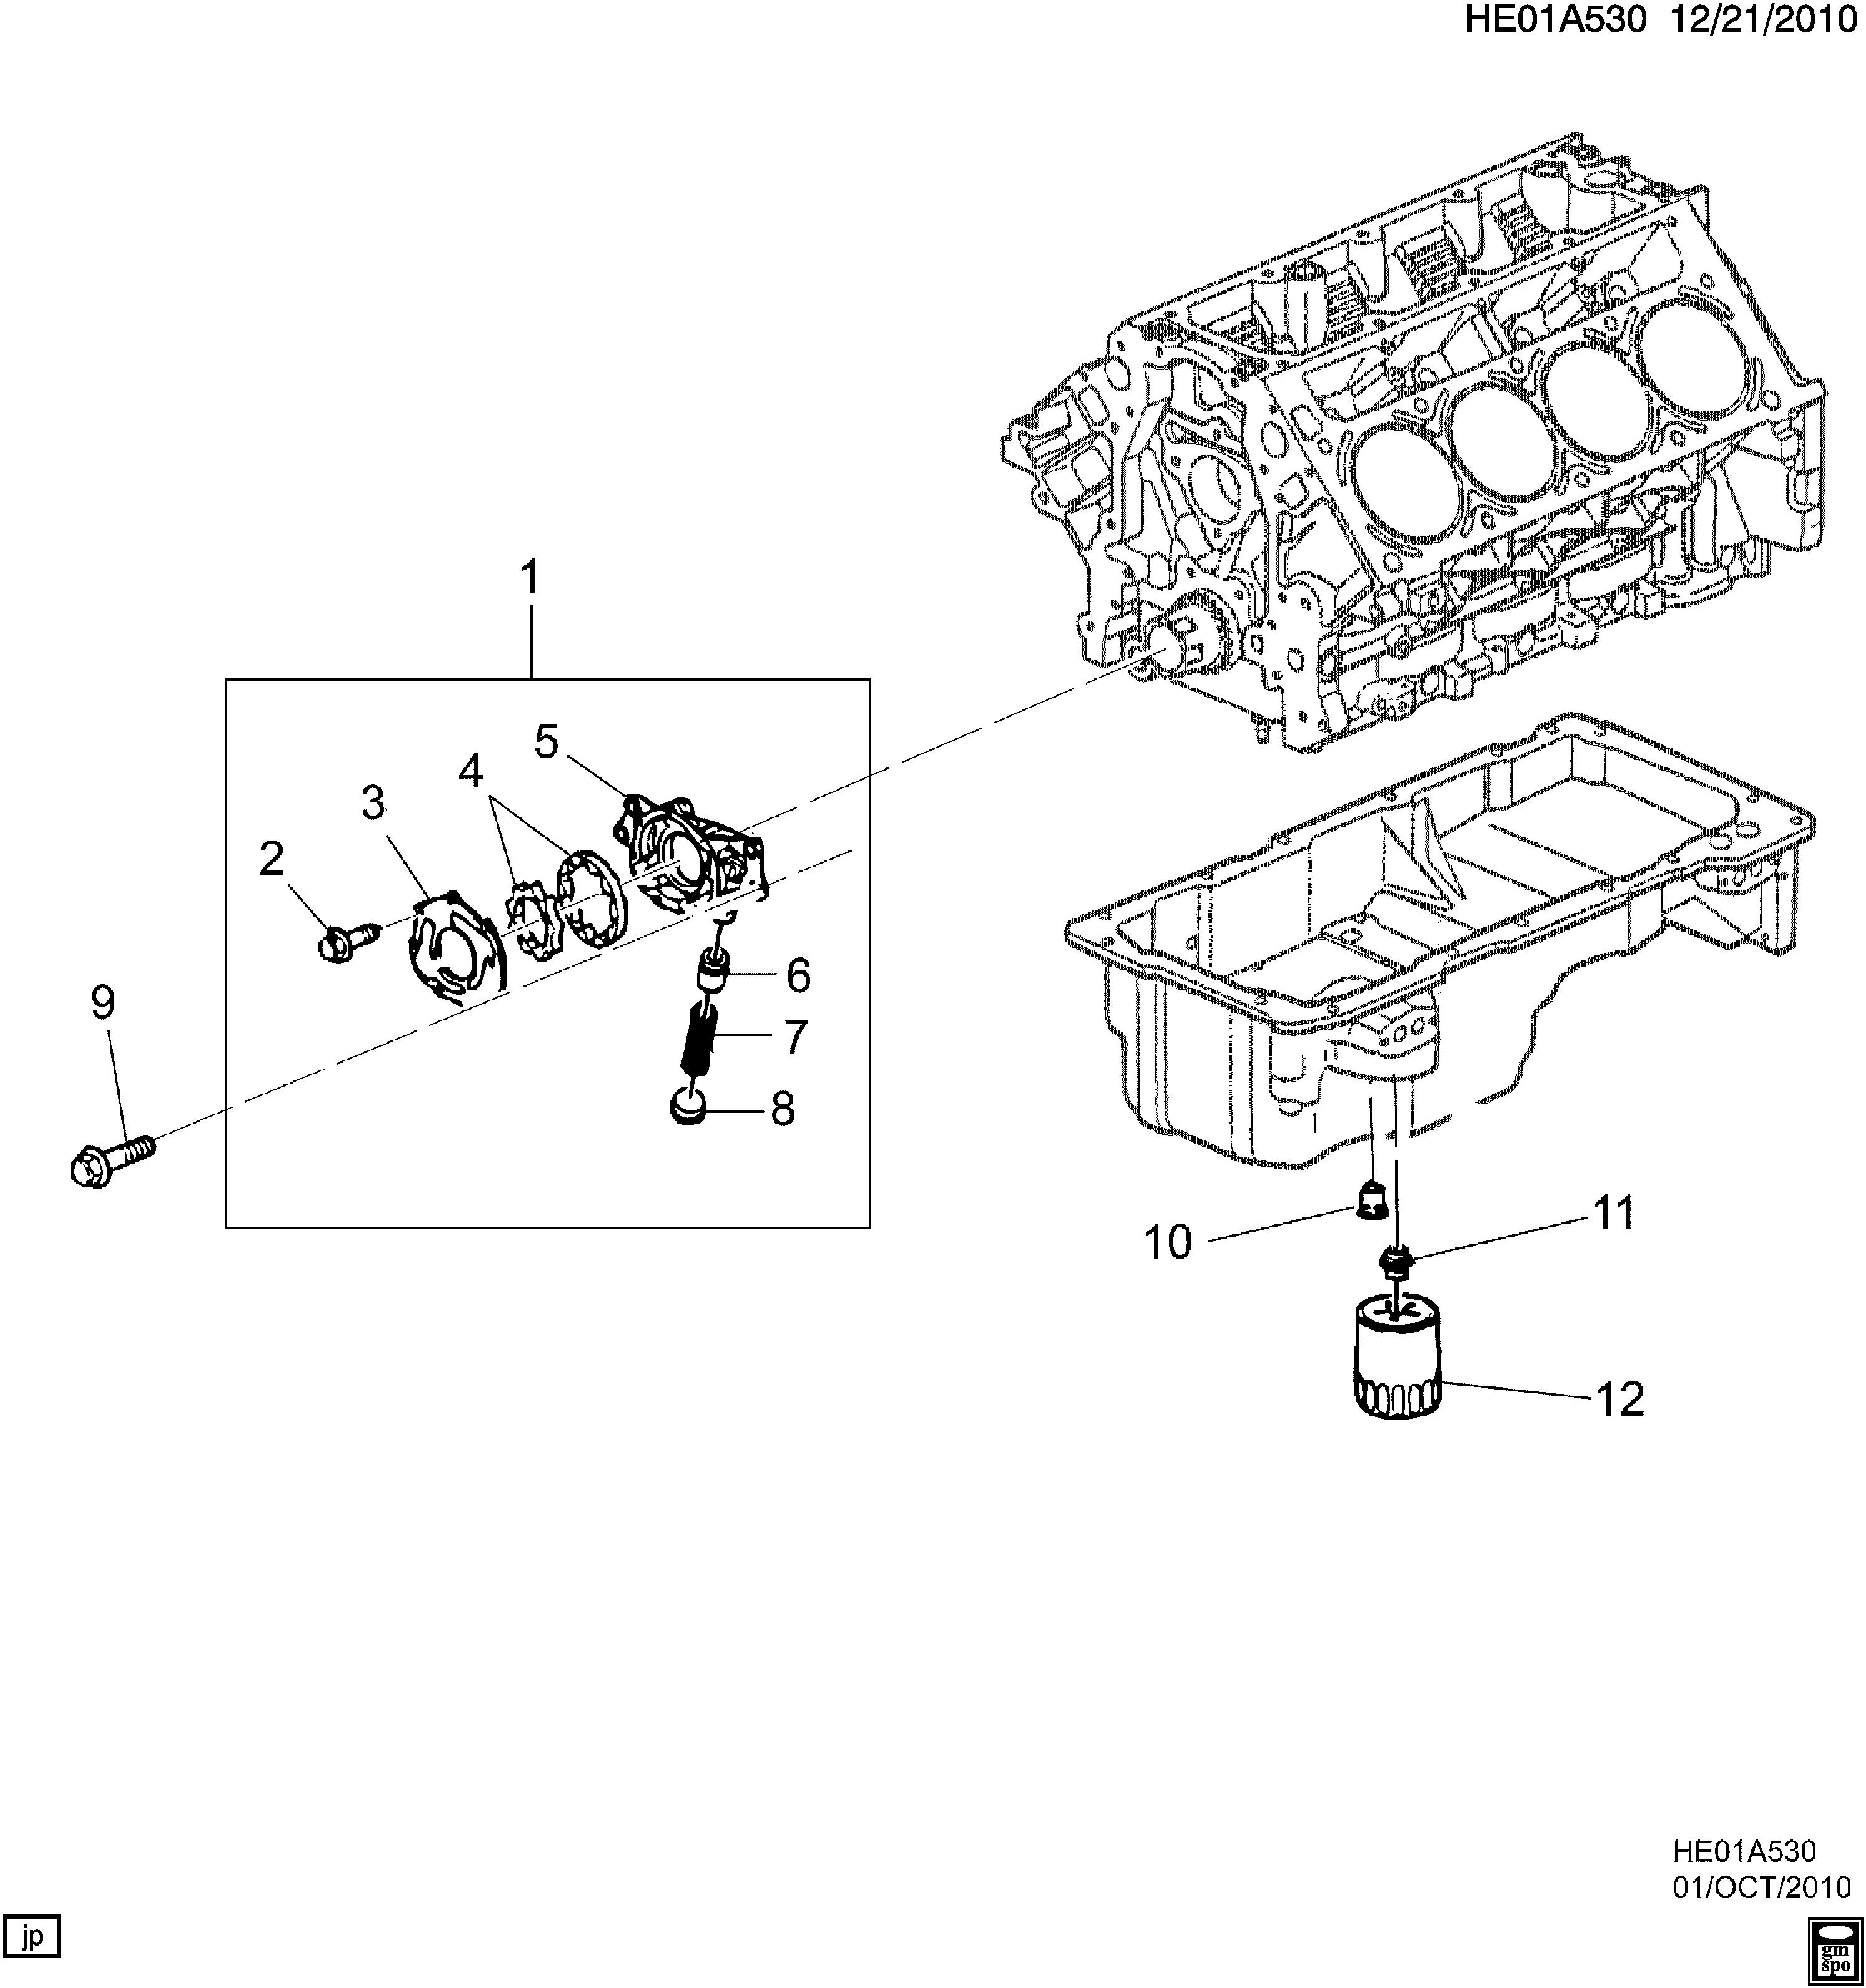 [DIAGRAM_38ZD]  Pontiac G8 - E ENGINE ASM-V8 OIL PUMP & FILTER (L76/6.0Y) > EPC Online >  Nemiga.com | L76 Engine Diagram |  | nemigaparts.com